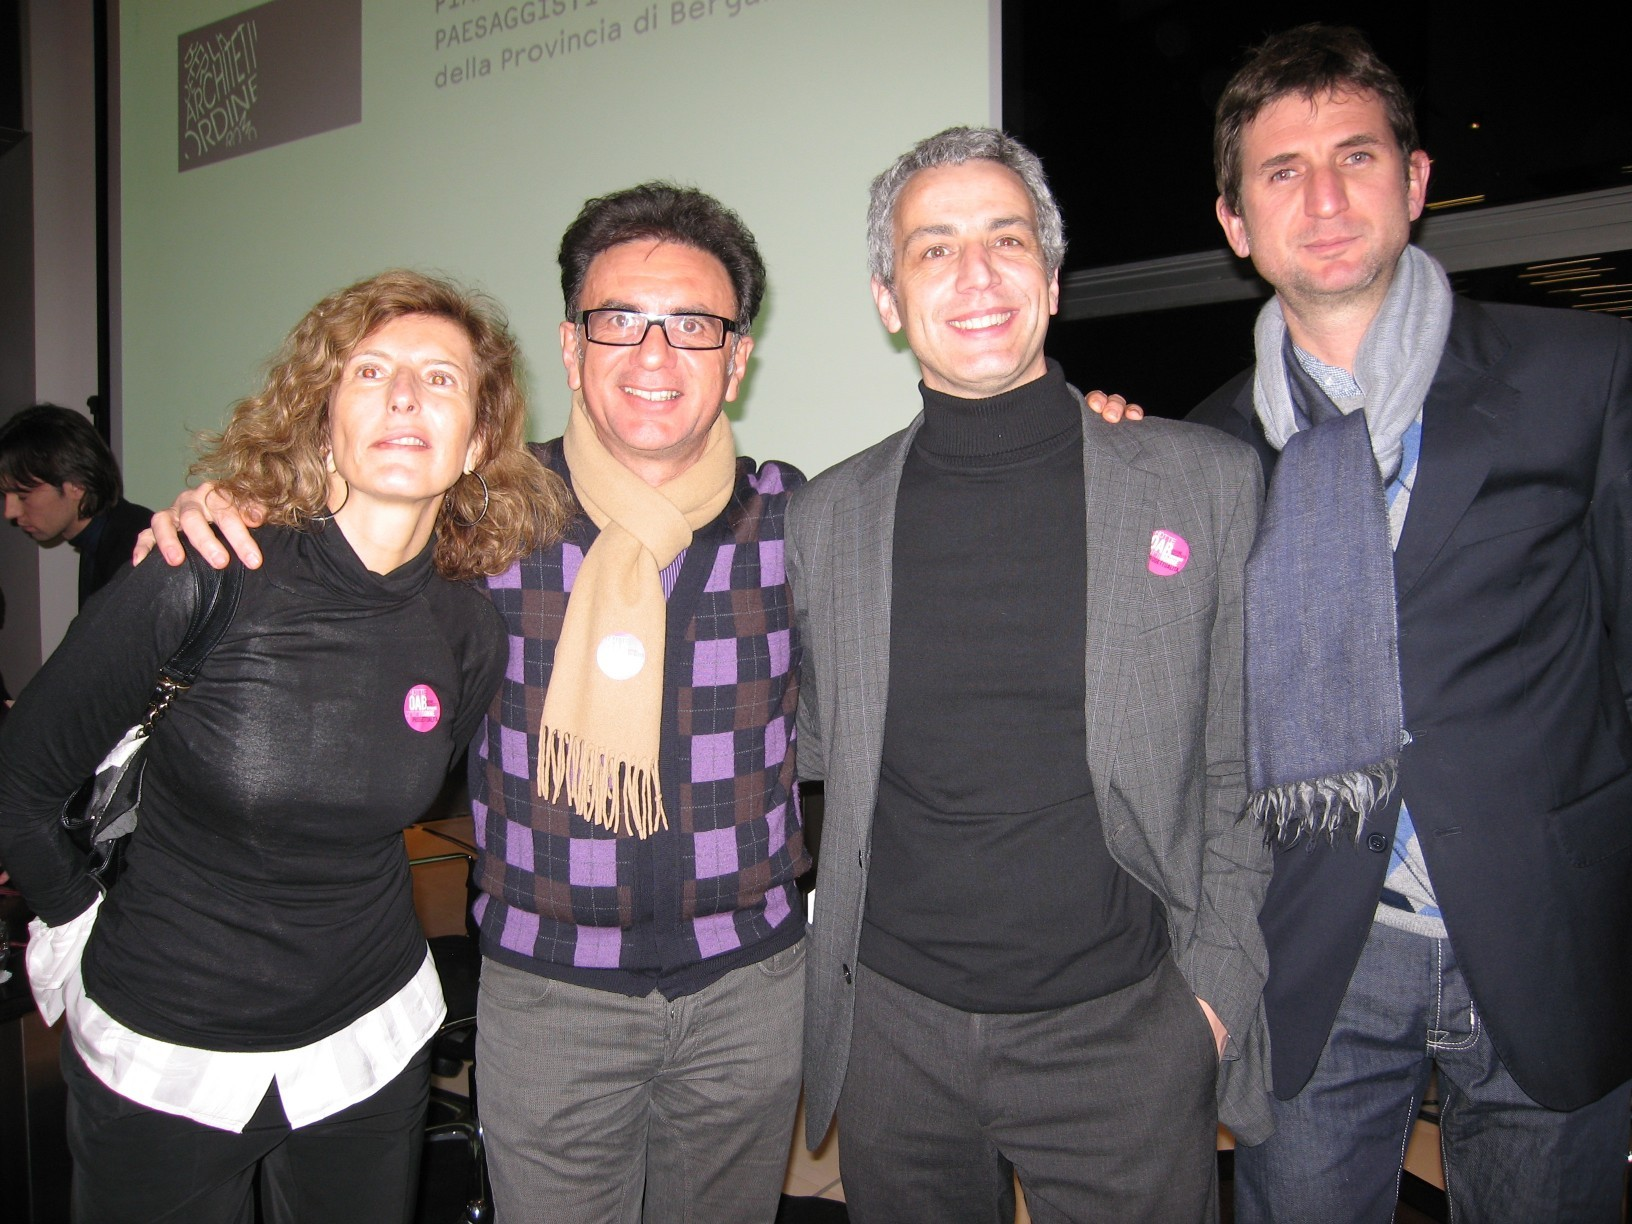 Architetti A Bergamo corriere del sud - architetti, delegazione iblea a bergamo